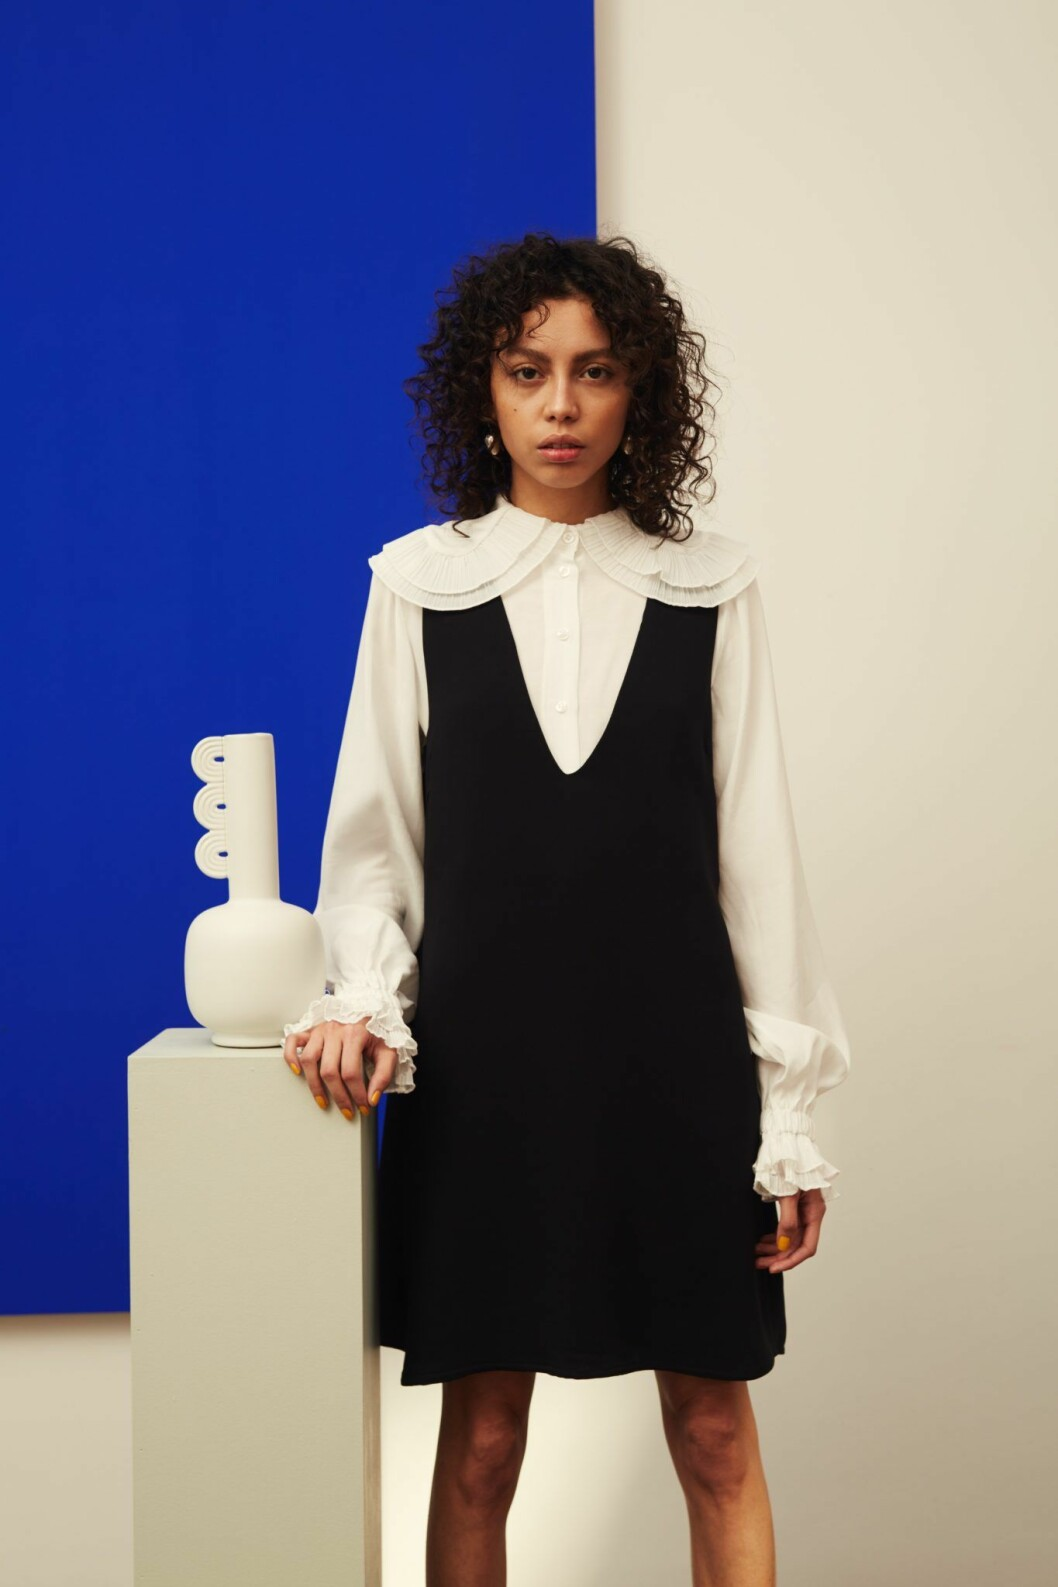 AVAVAV V-neck dress